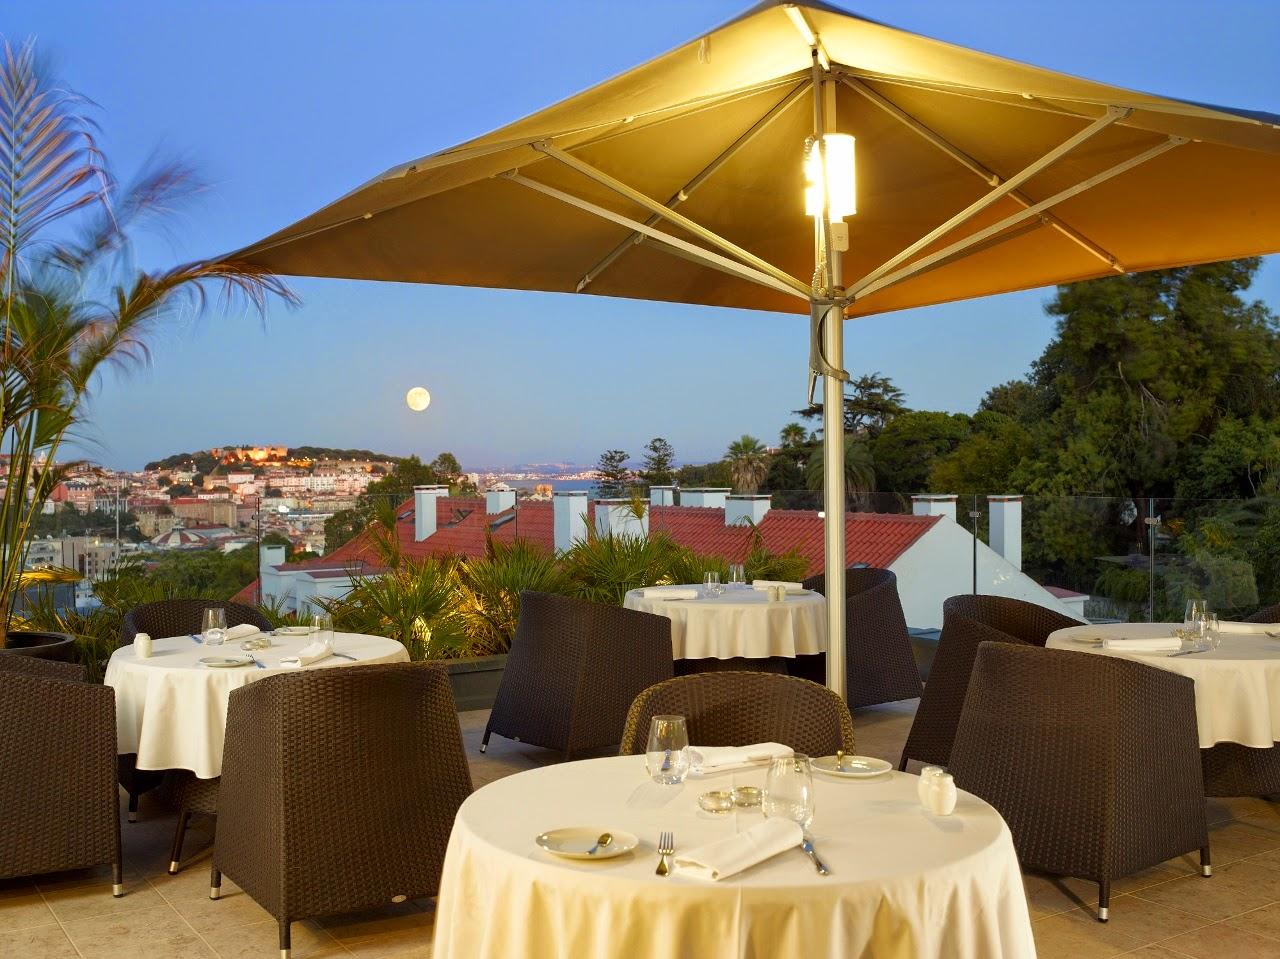 Varanda do Castelo - Rooftop Bar Hotel Vintage Lisboa - Lisbonne